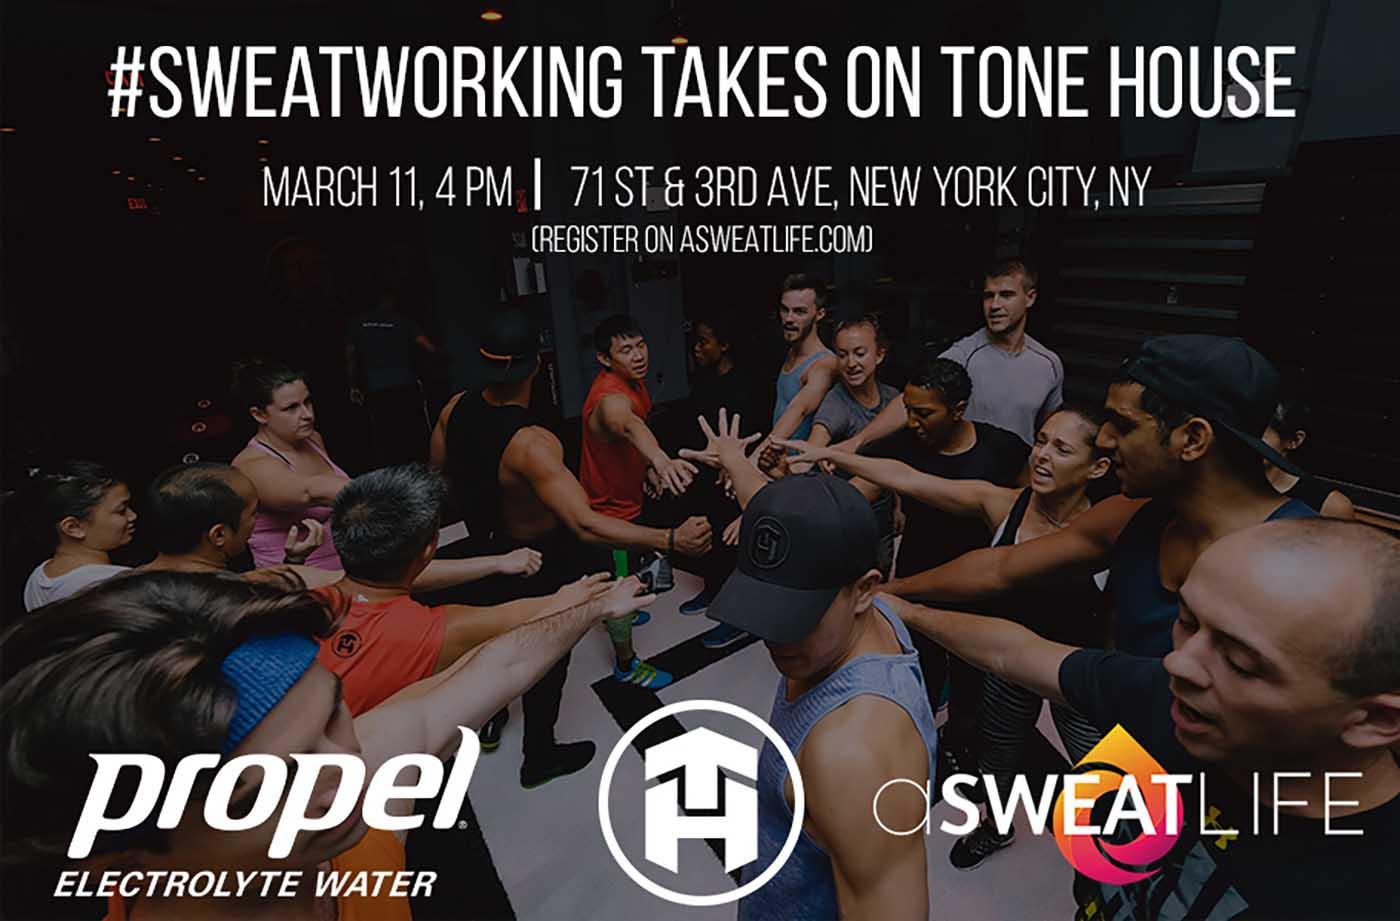 March_Sweatworking_ToneHouse_invite(3)